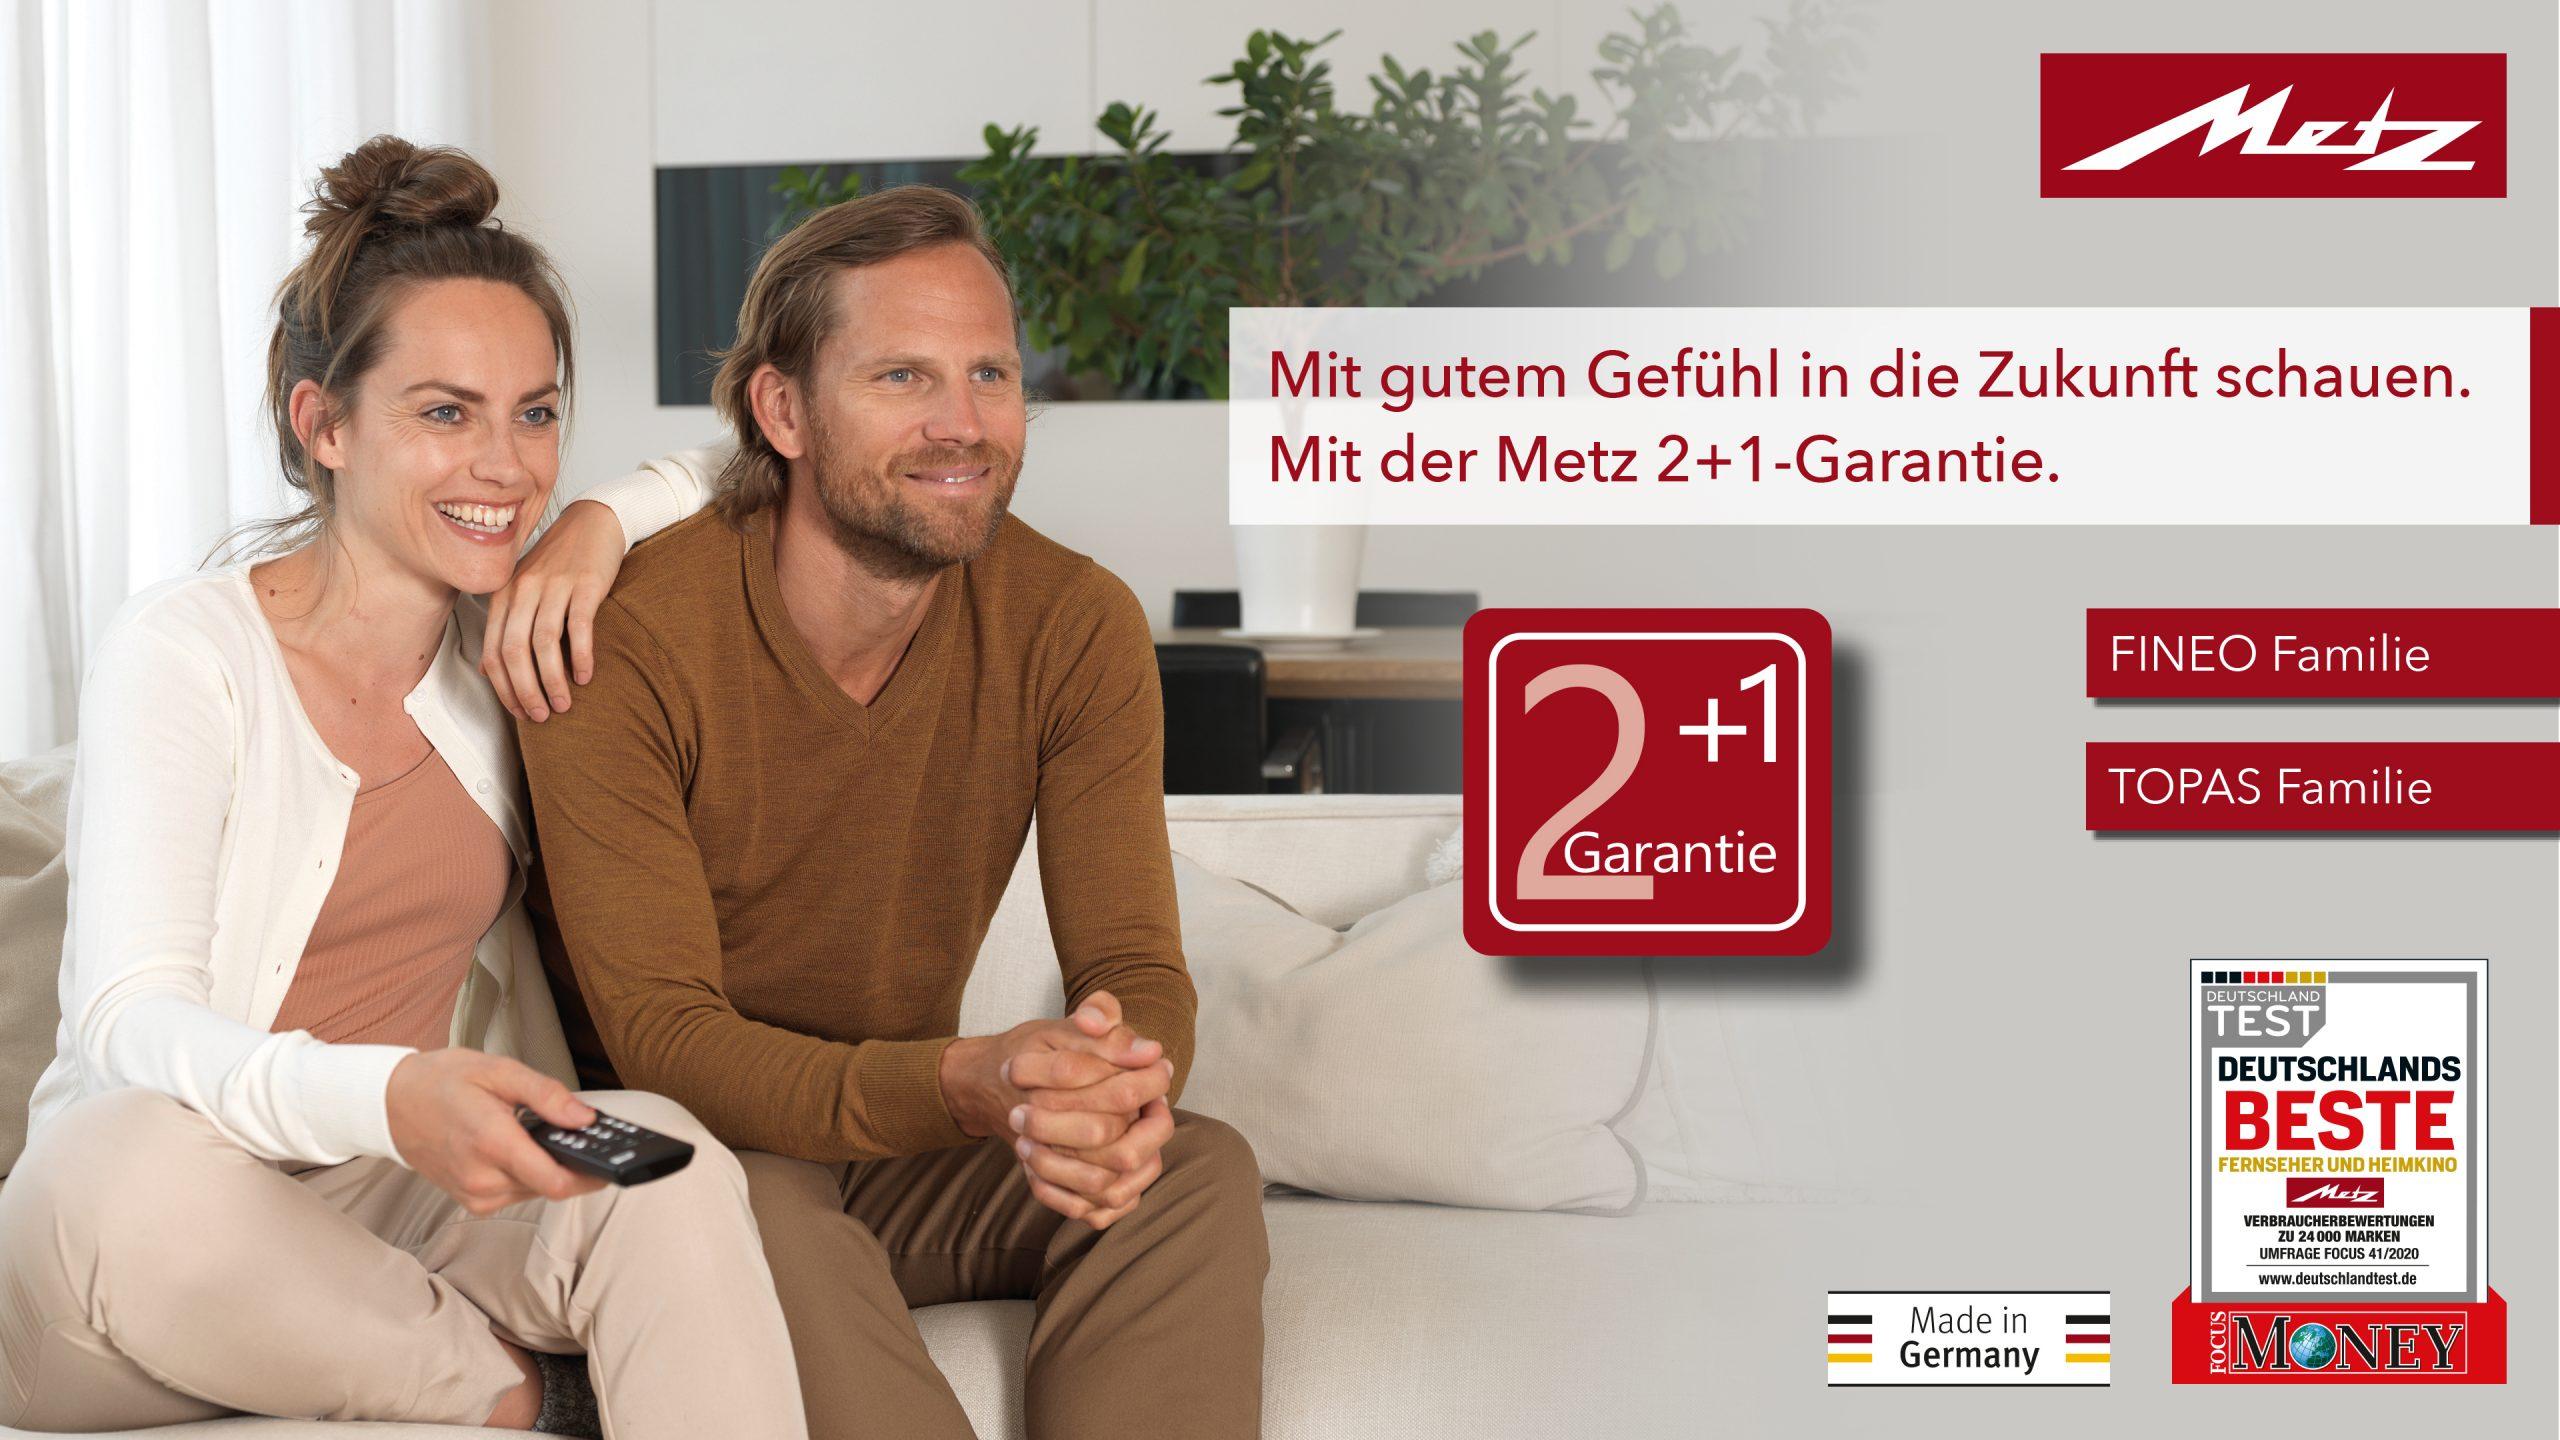 Metz Topas Fineo 2+1 Garantie